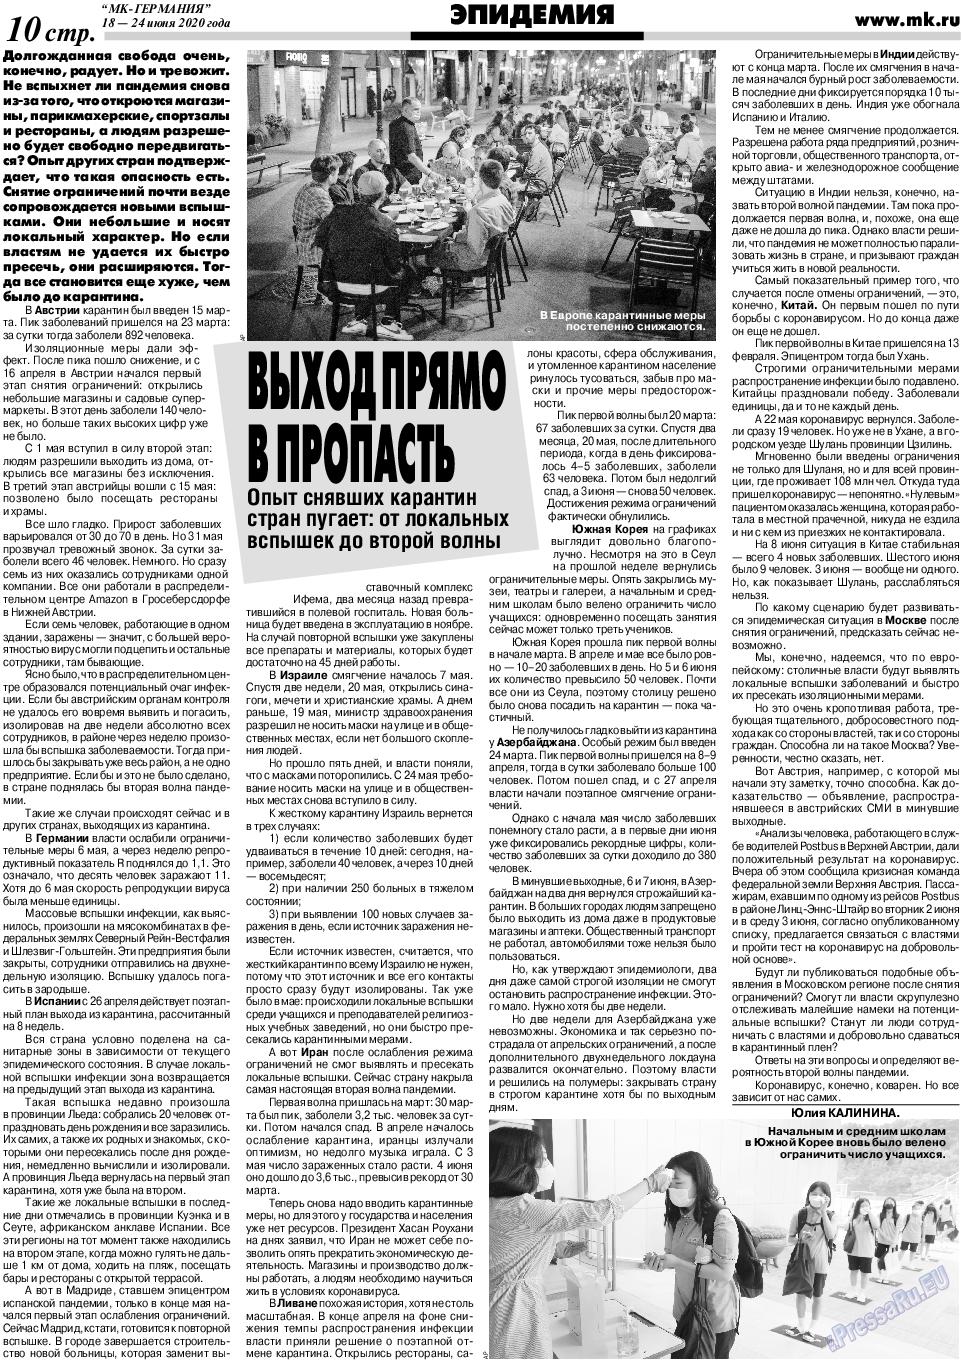 МК-Германия (газета). 2020 год, номер 25, стр. 10